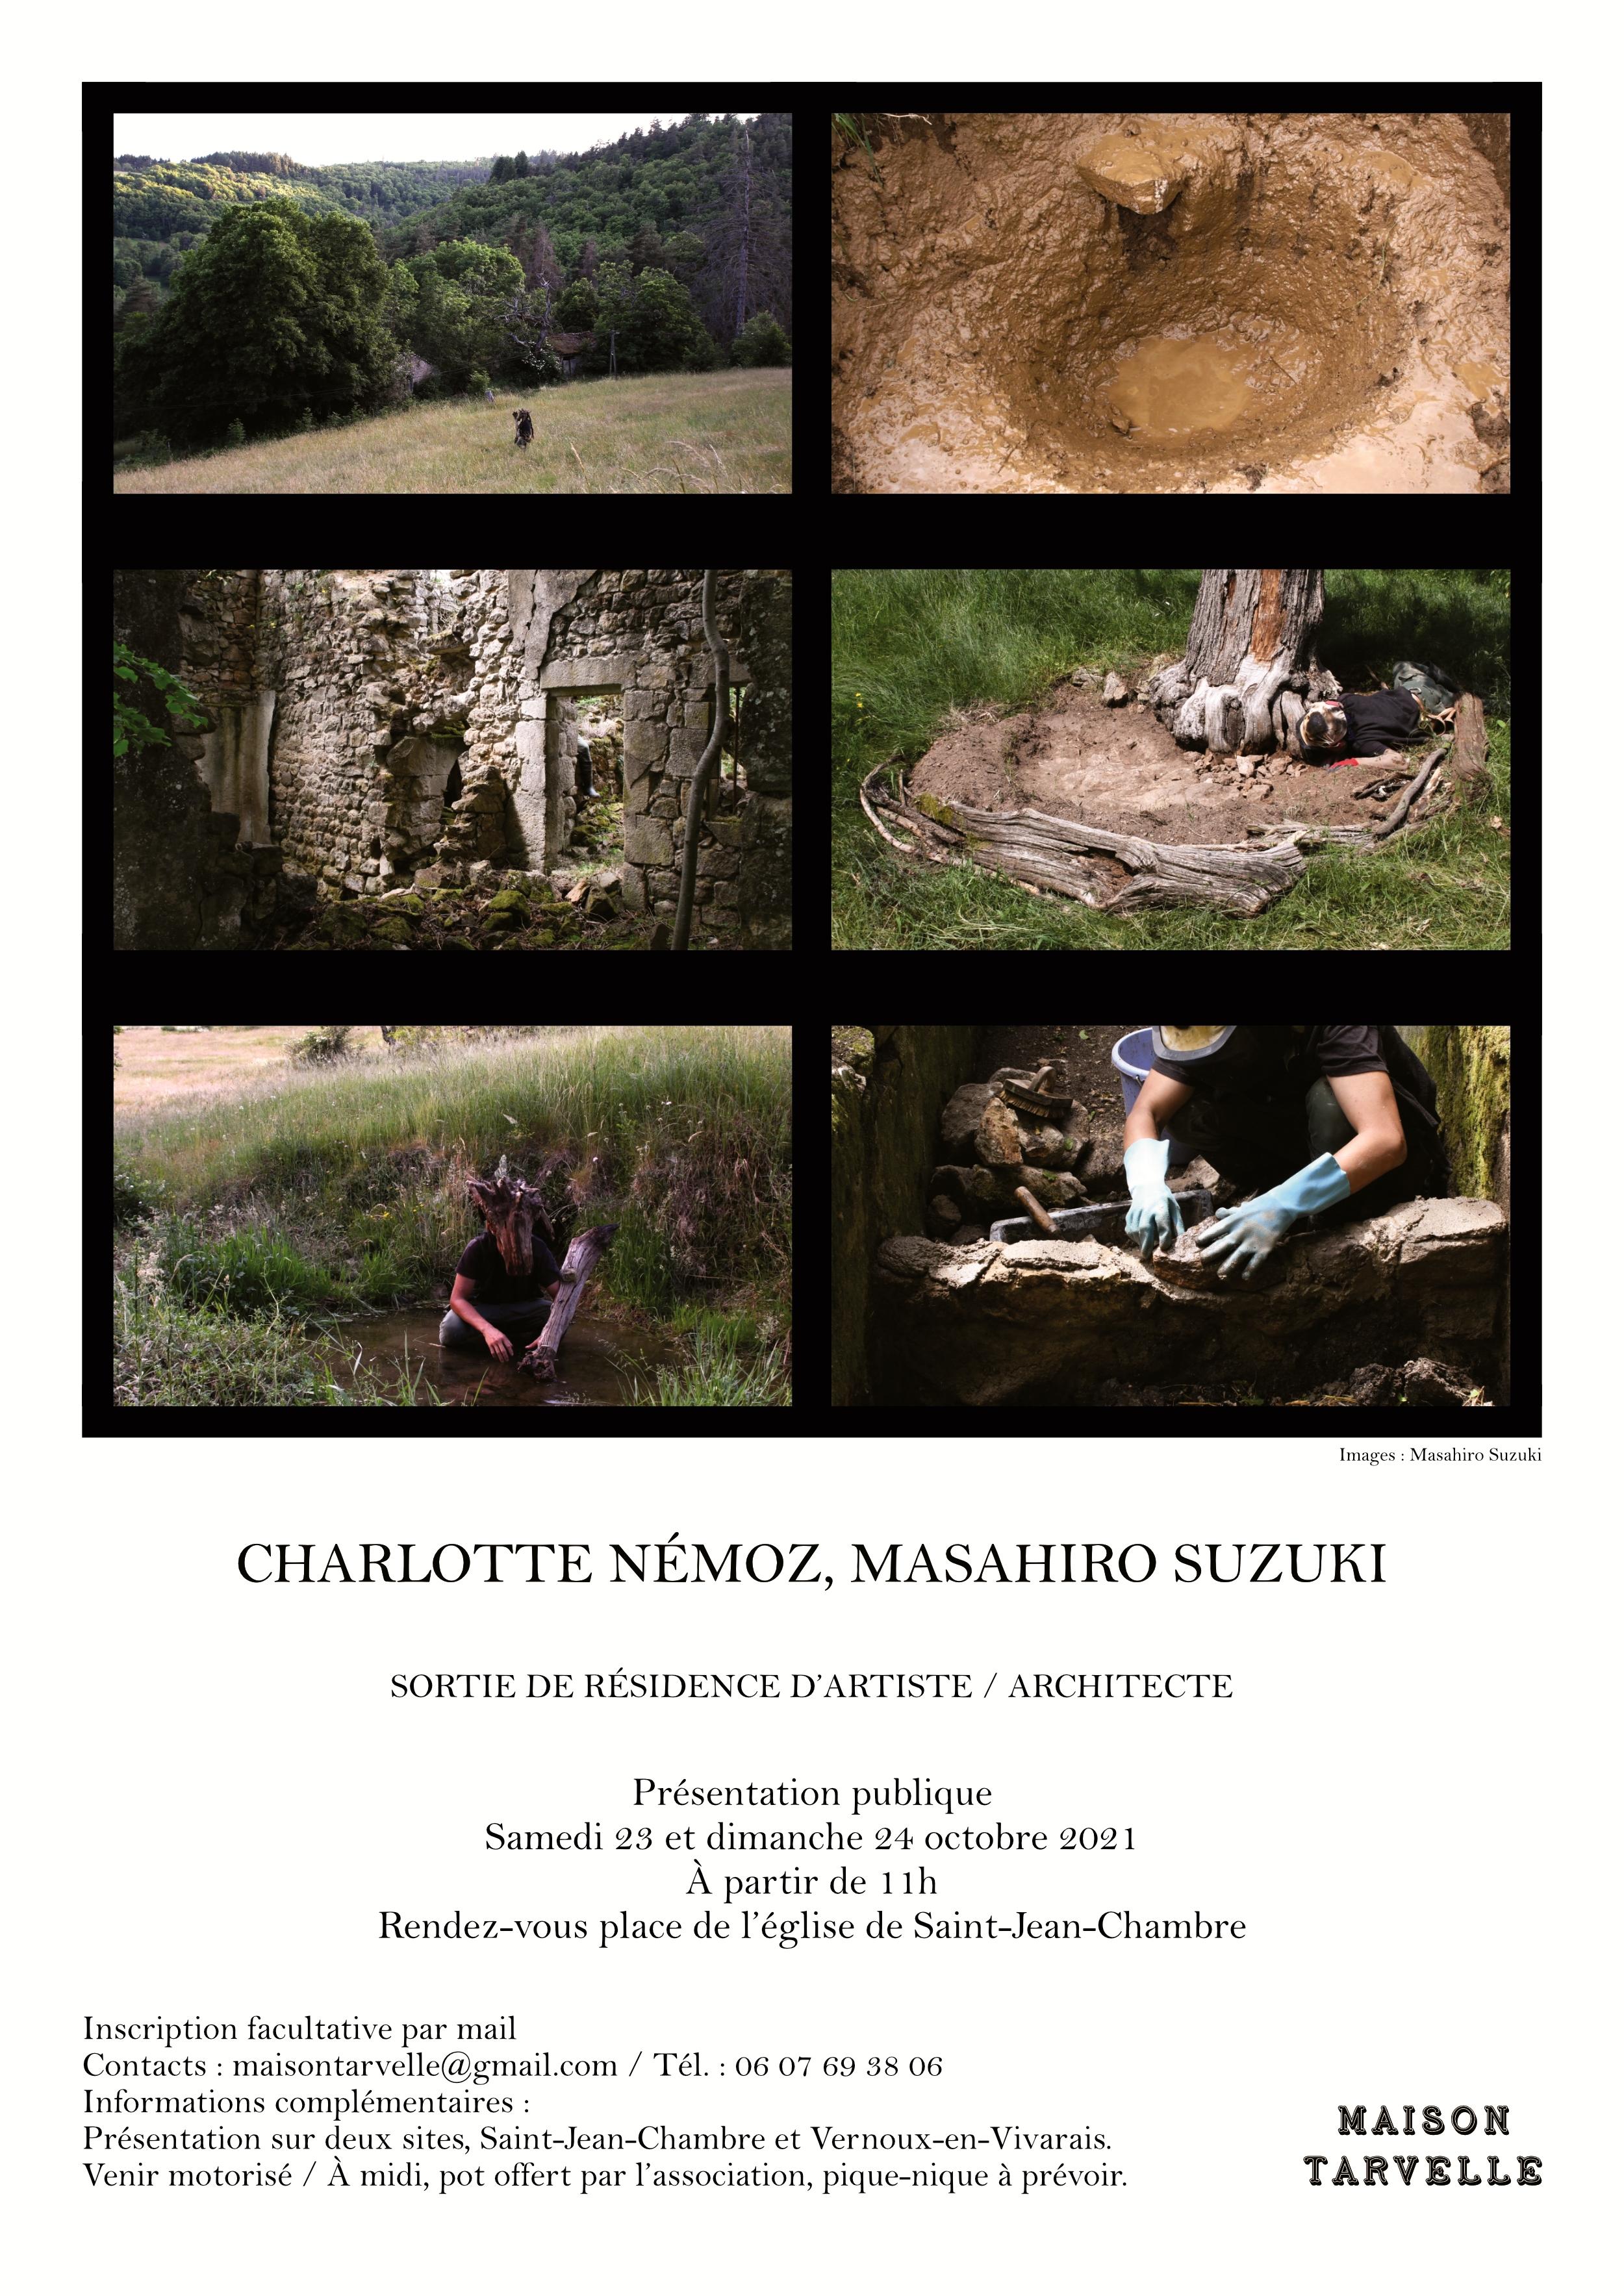 Rendez-vous futés ! : Sortie de résidence artistique art/architecture (Charlotte Némoz et Masahiro Suzuki)